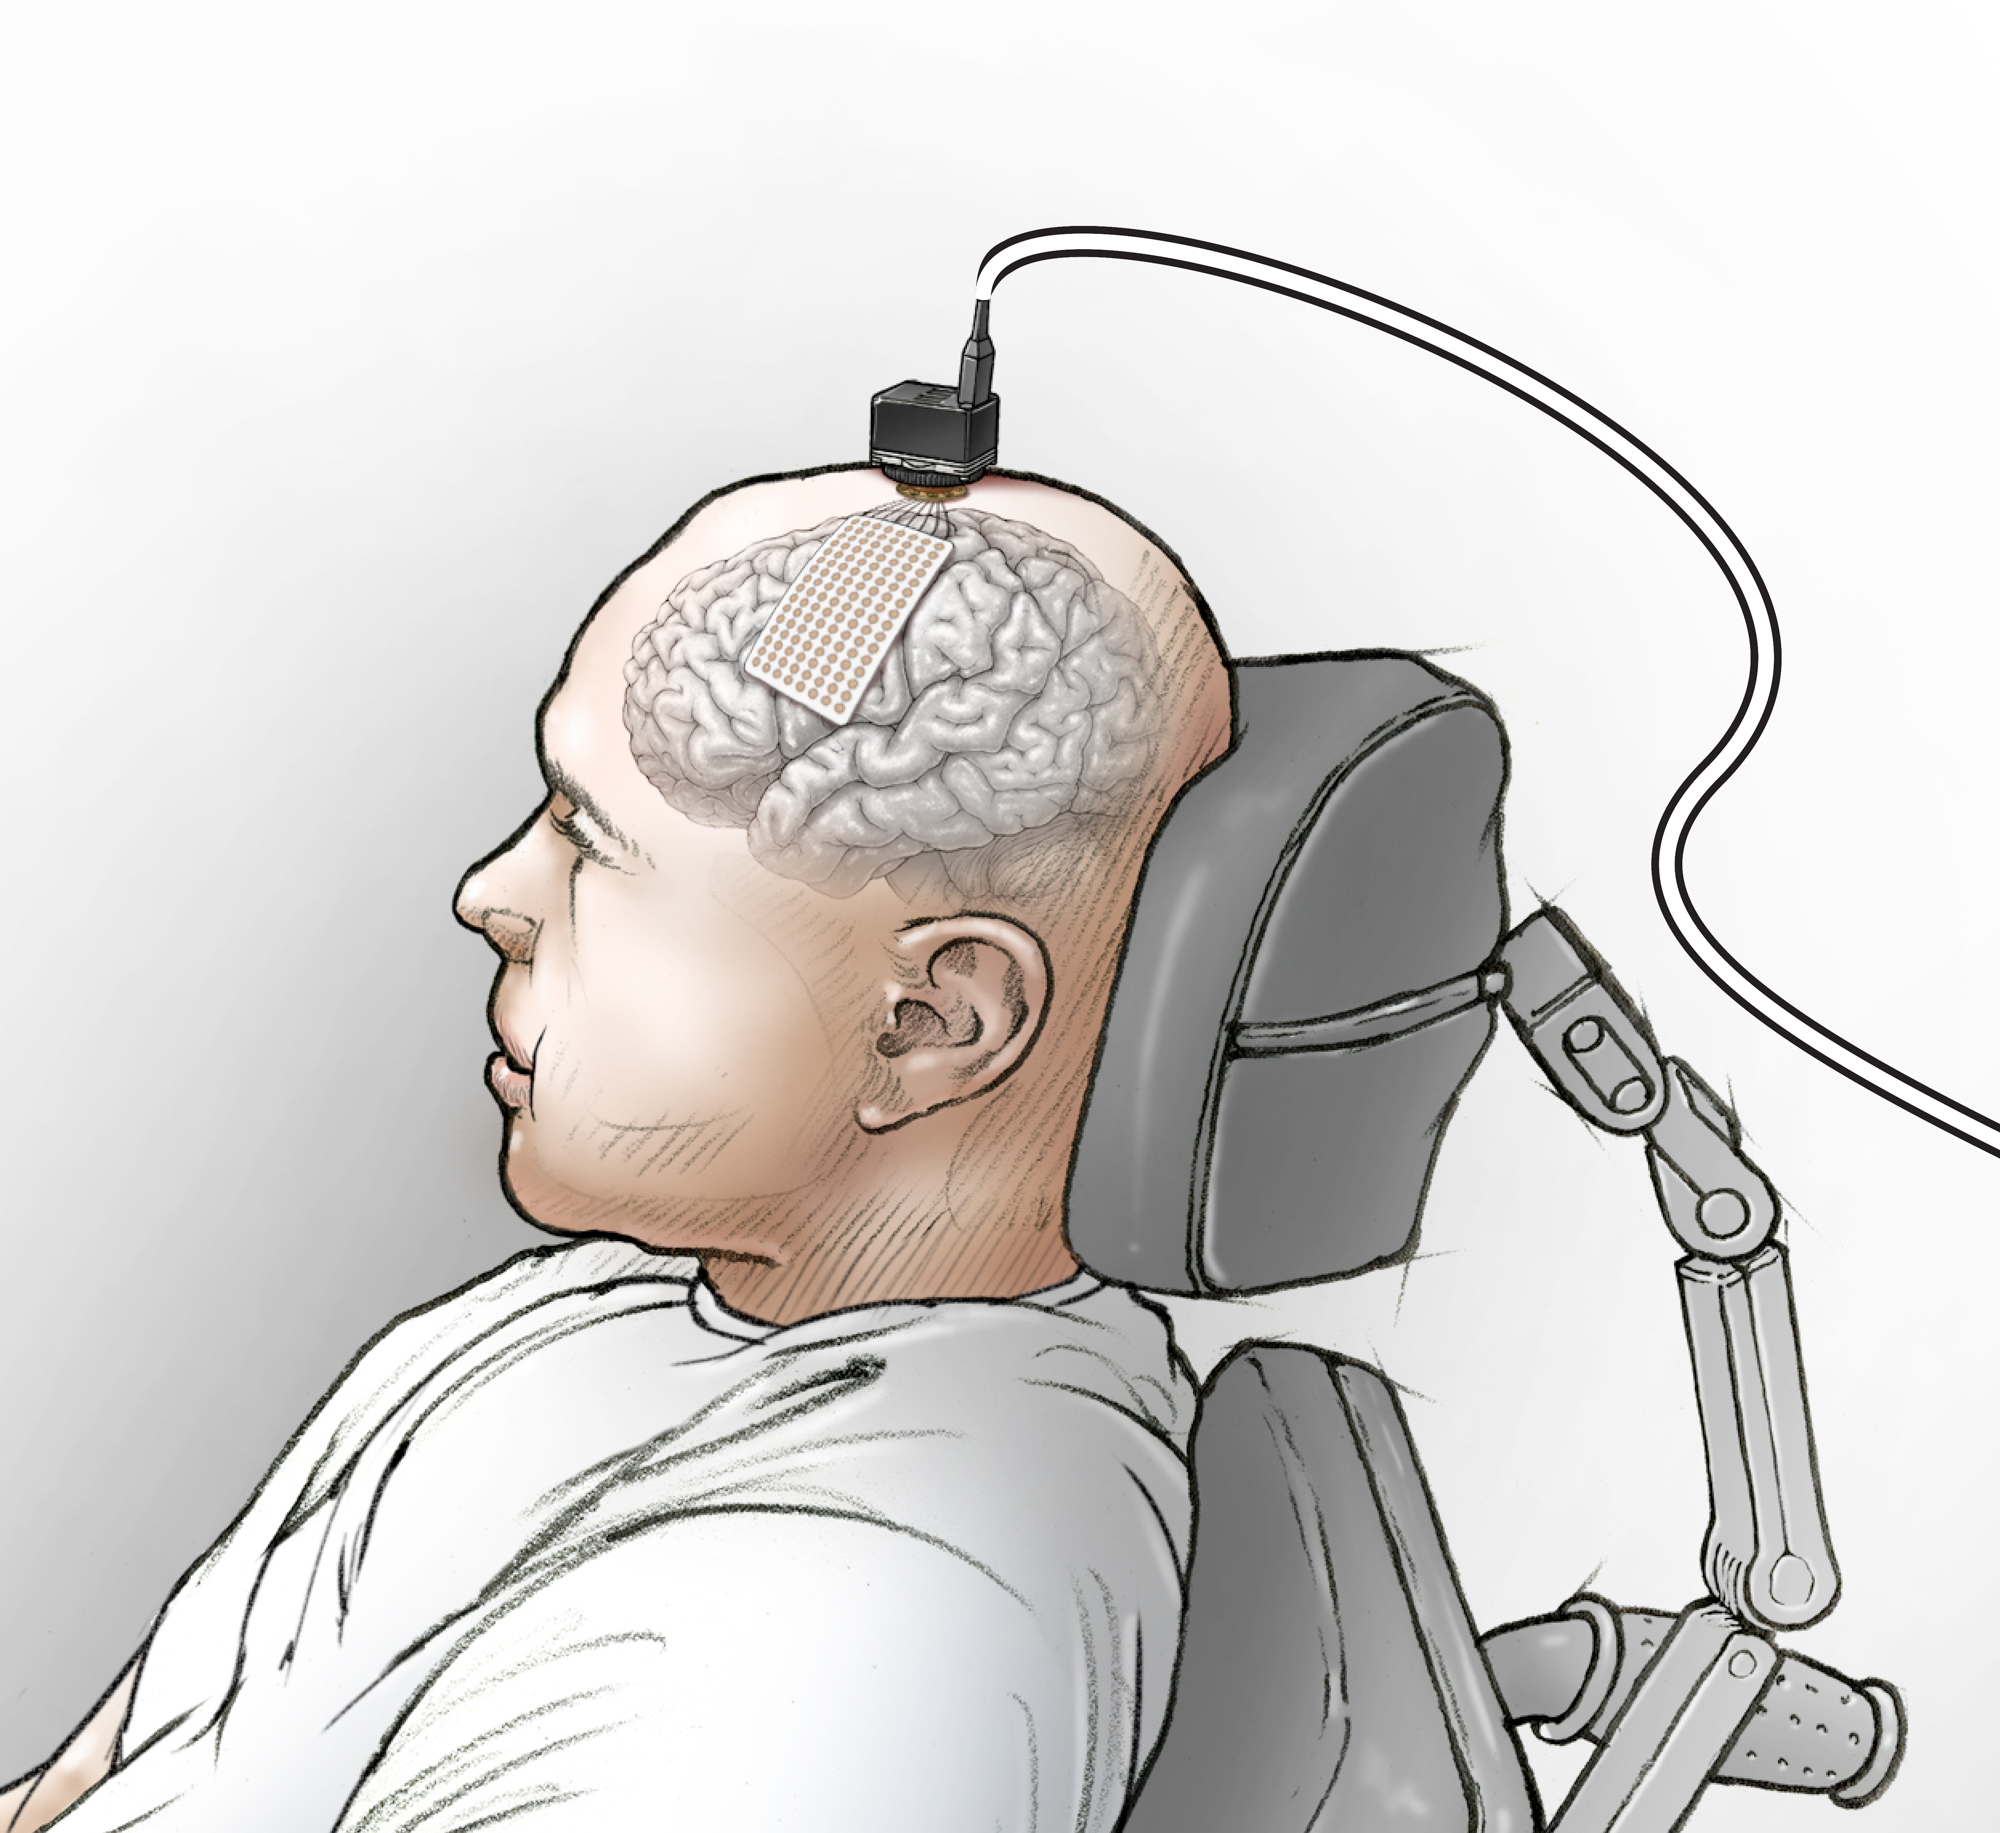 Các nhà khoa học nối não của một người câm với máy tính, và bây giờ anh ấy đã nói được - Ảnh 2.